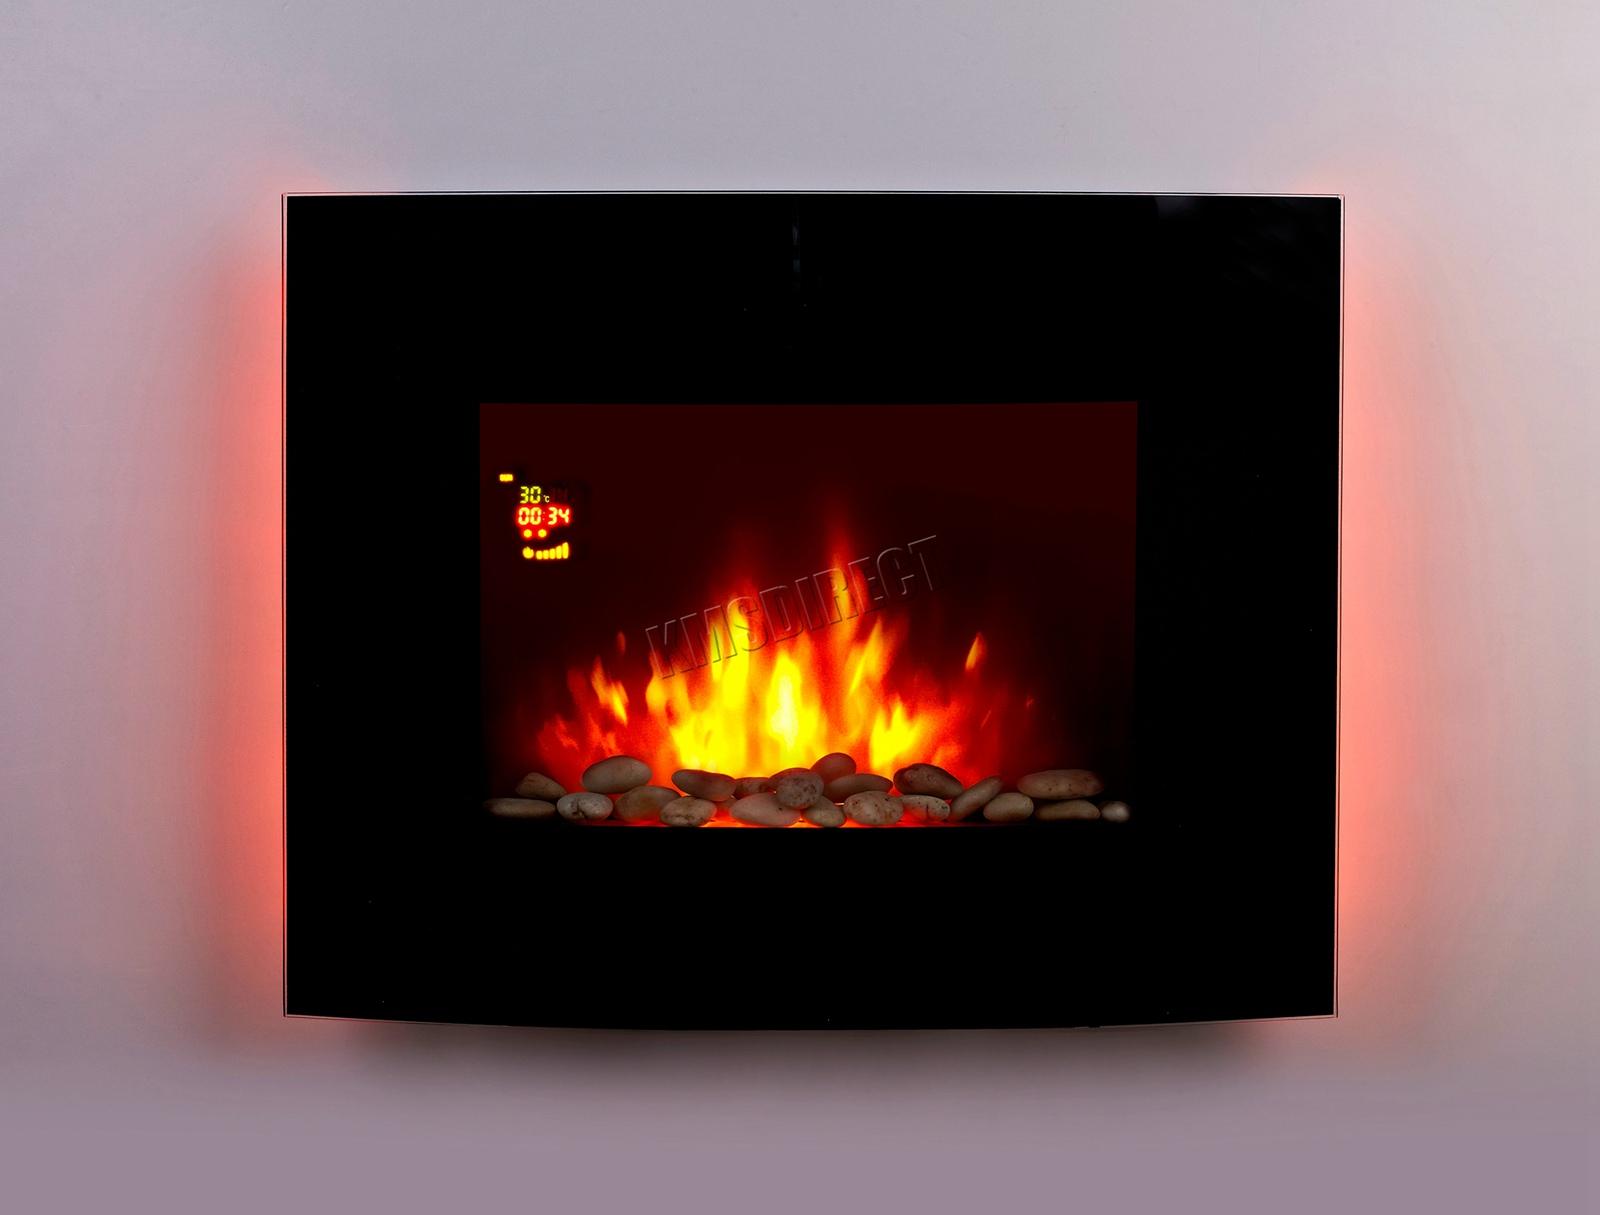 FIREPLACE LED BACKLIT VAR KMSWM0015